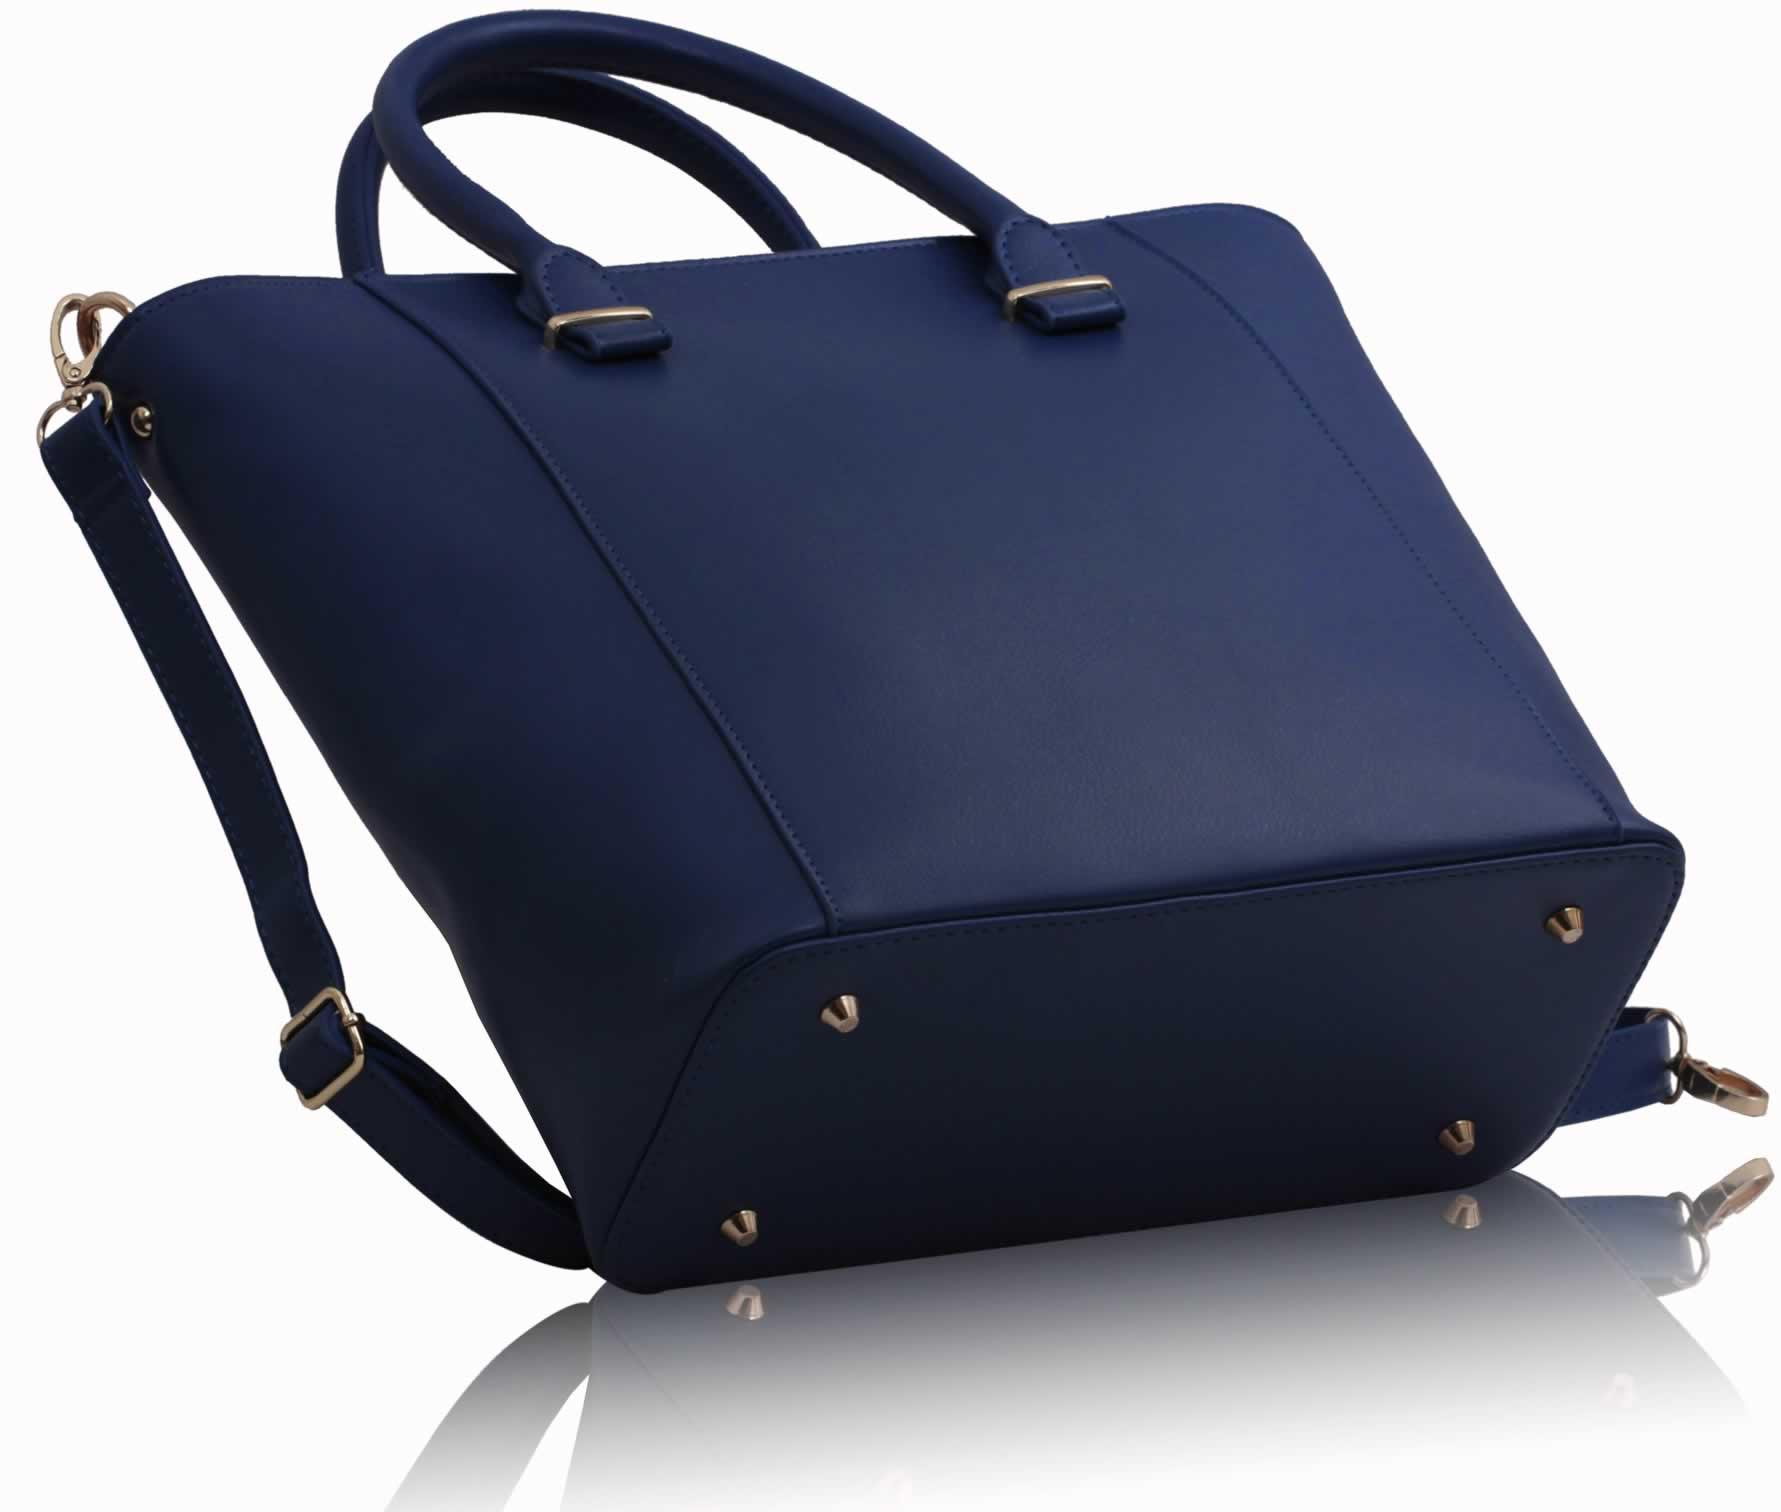 Wholesale Luxury Navy Tote Bag